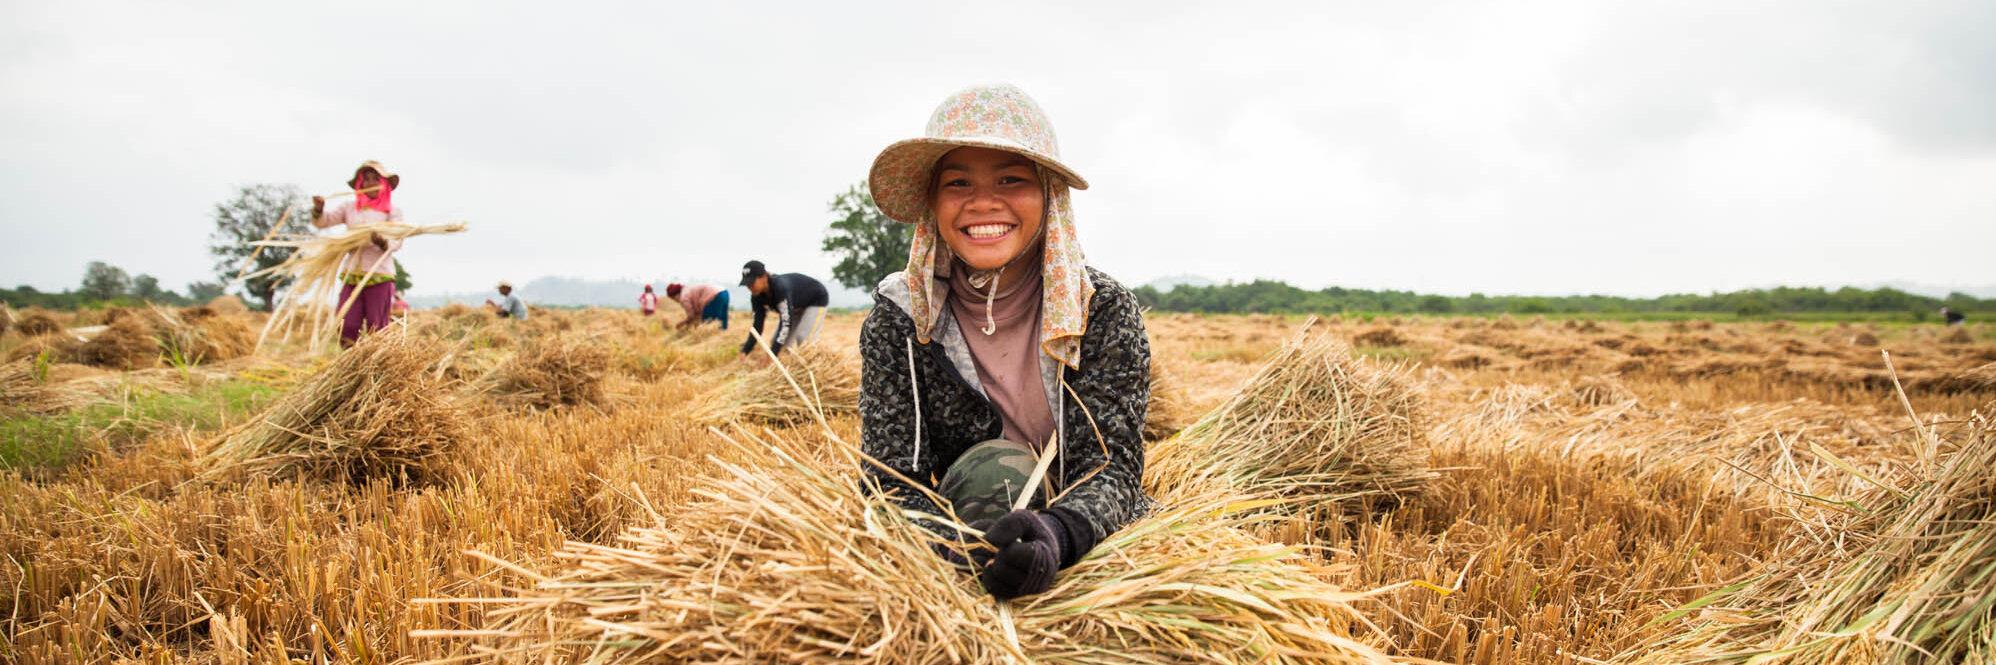 Mädchen auf einem Feld in Kambodscha